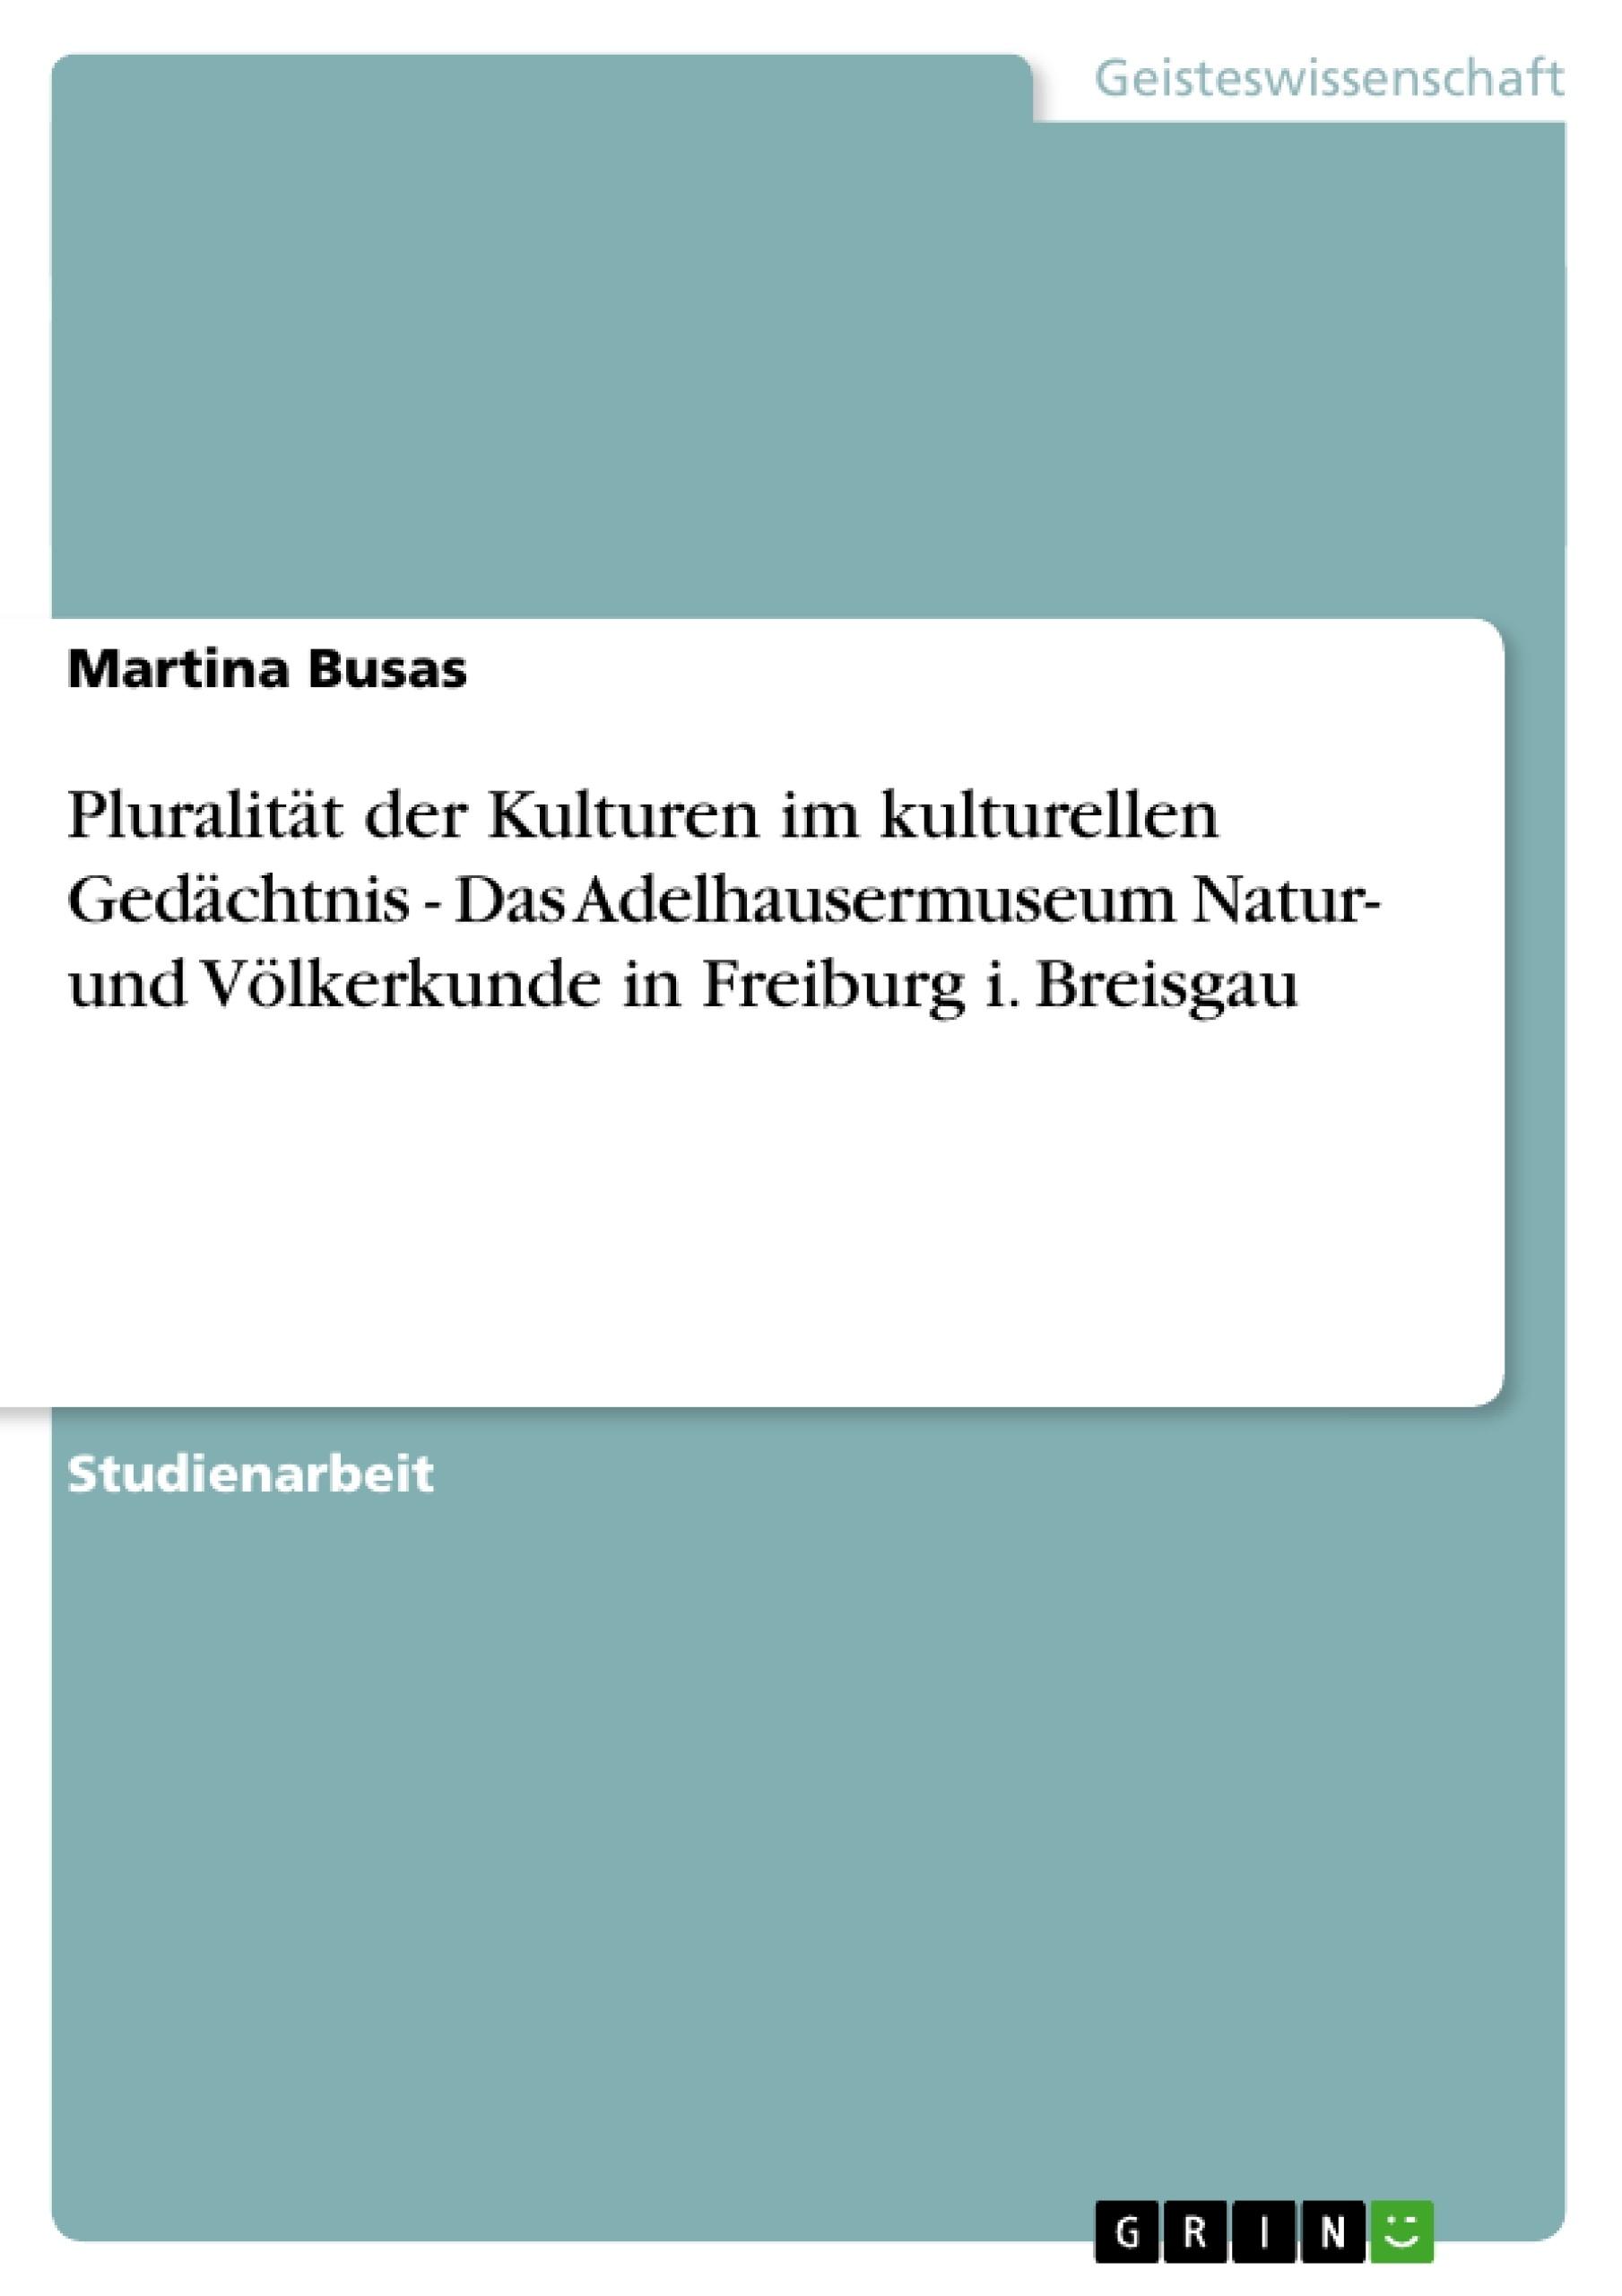 Titel: Pluralität der Kulturen im kulturellen Gedächtnis - Das Adelhausermuseum Natur- und Völkerkunde in Freiburg i. Breisgau